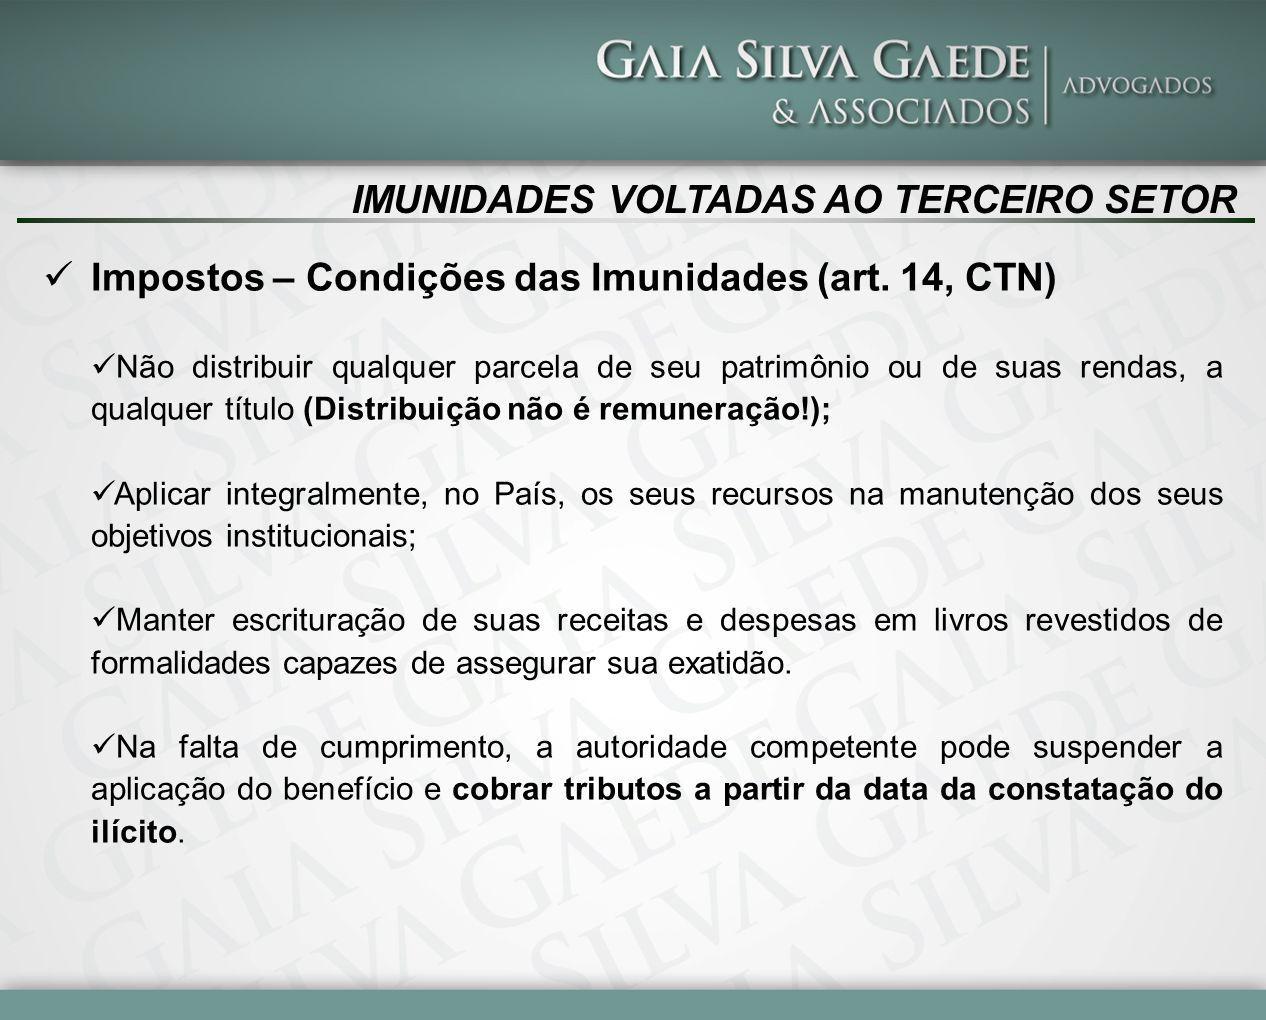 IMUNIDADES VOLTADAS AO TERCEIRO SETOR Impostos – Condições das Imunidades (art. 14, CTN) Não distribuir qualquer parcela de seu patrimônio ou de suas